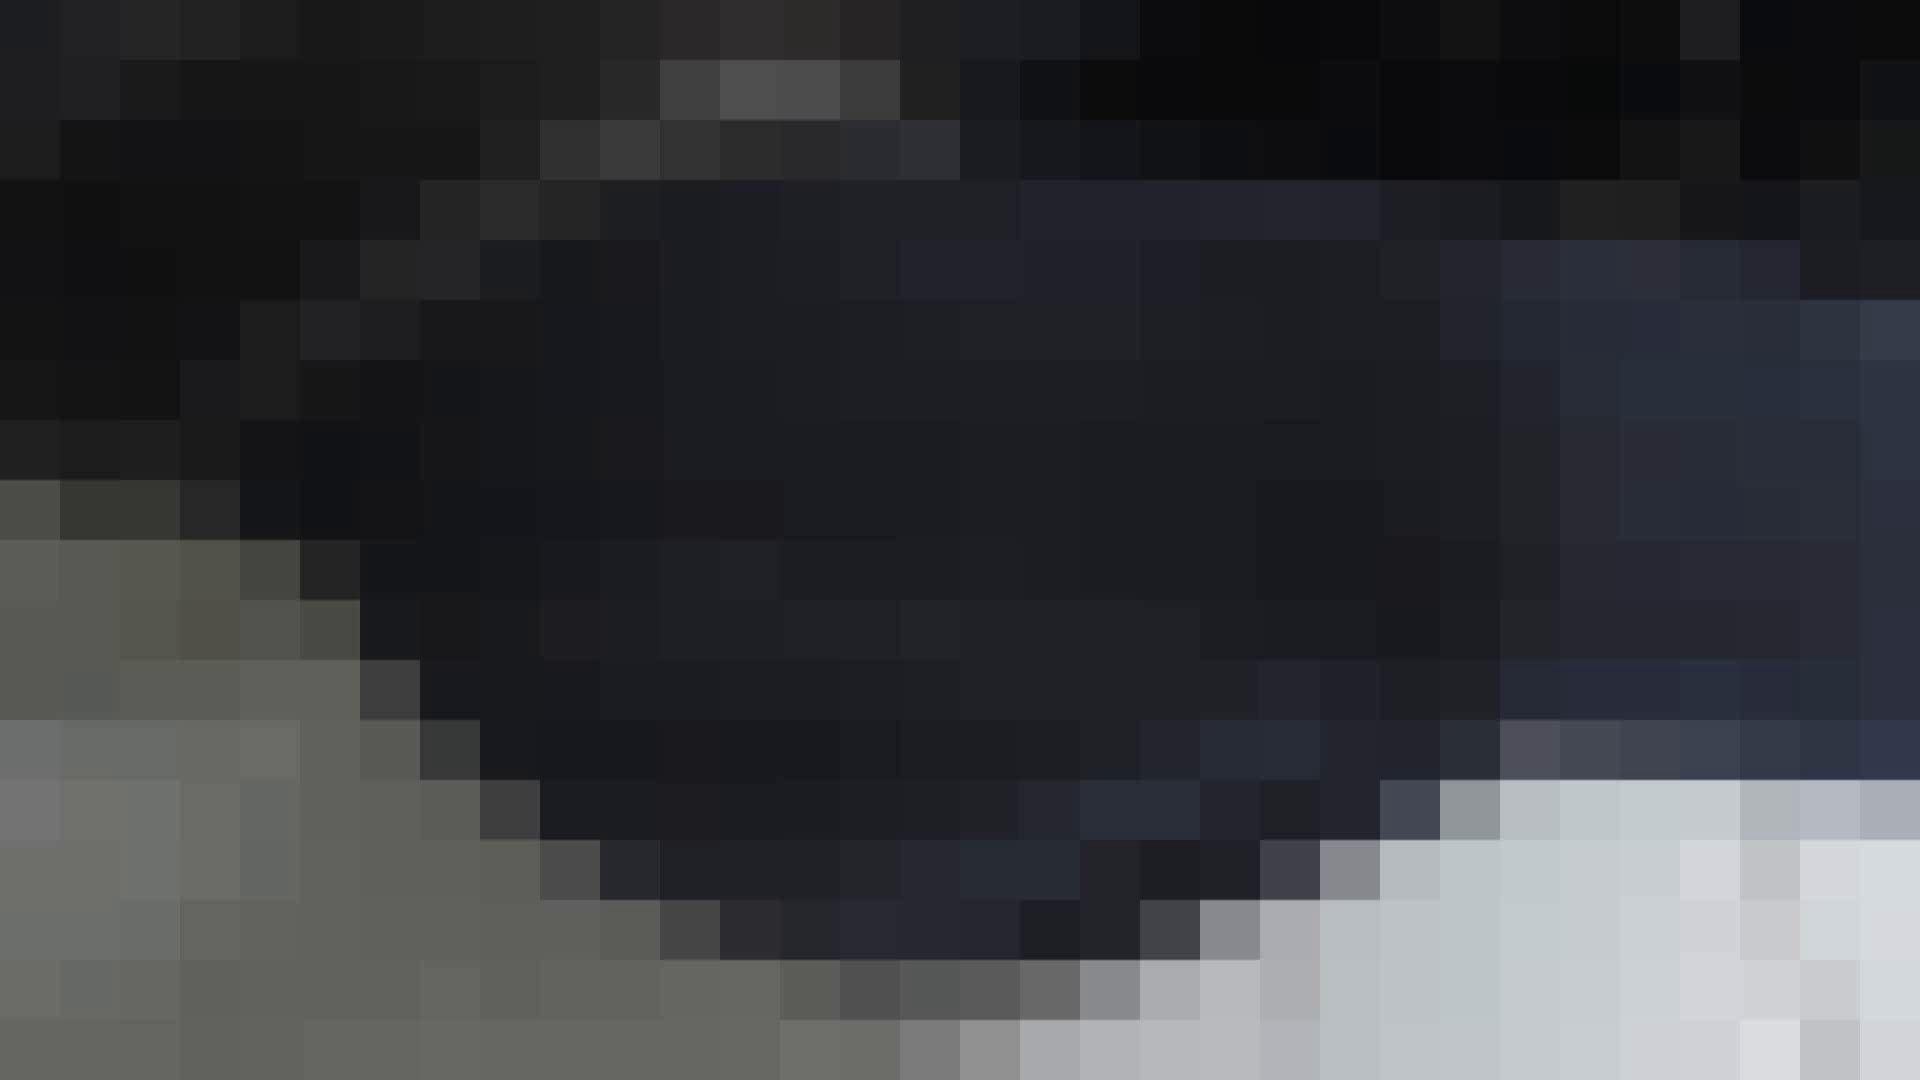 洗面所特攻隊vol.013 高画質  108PIX 107